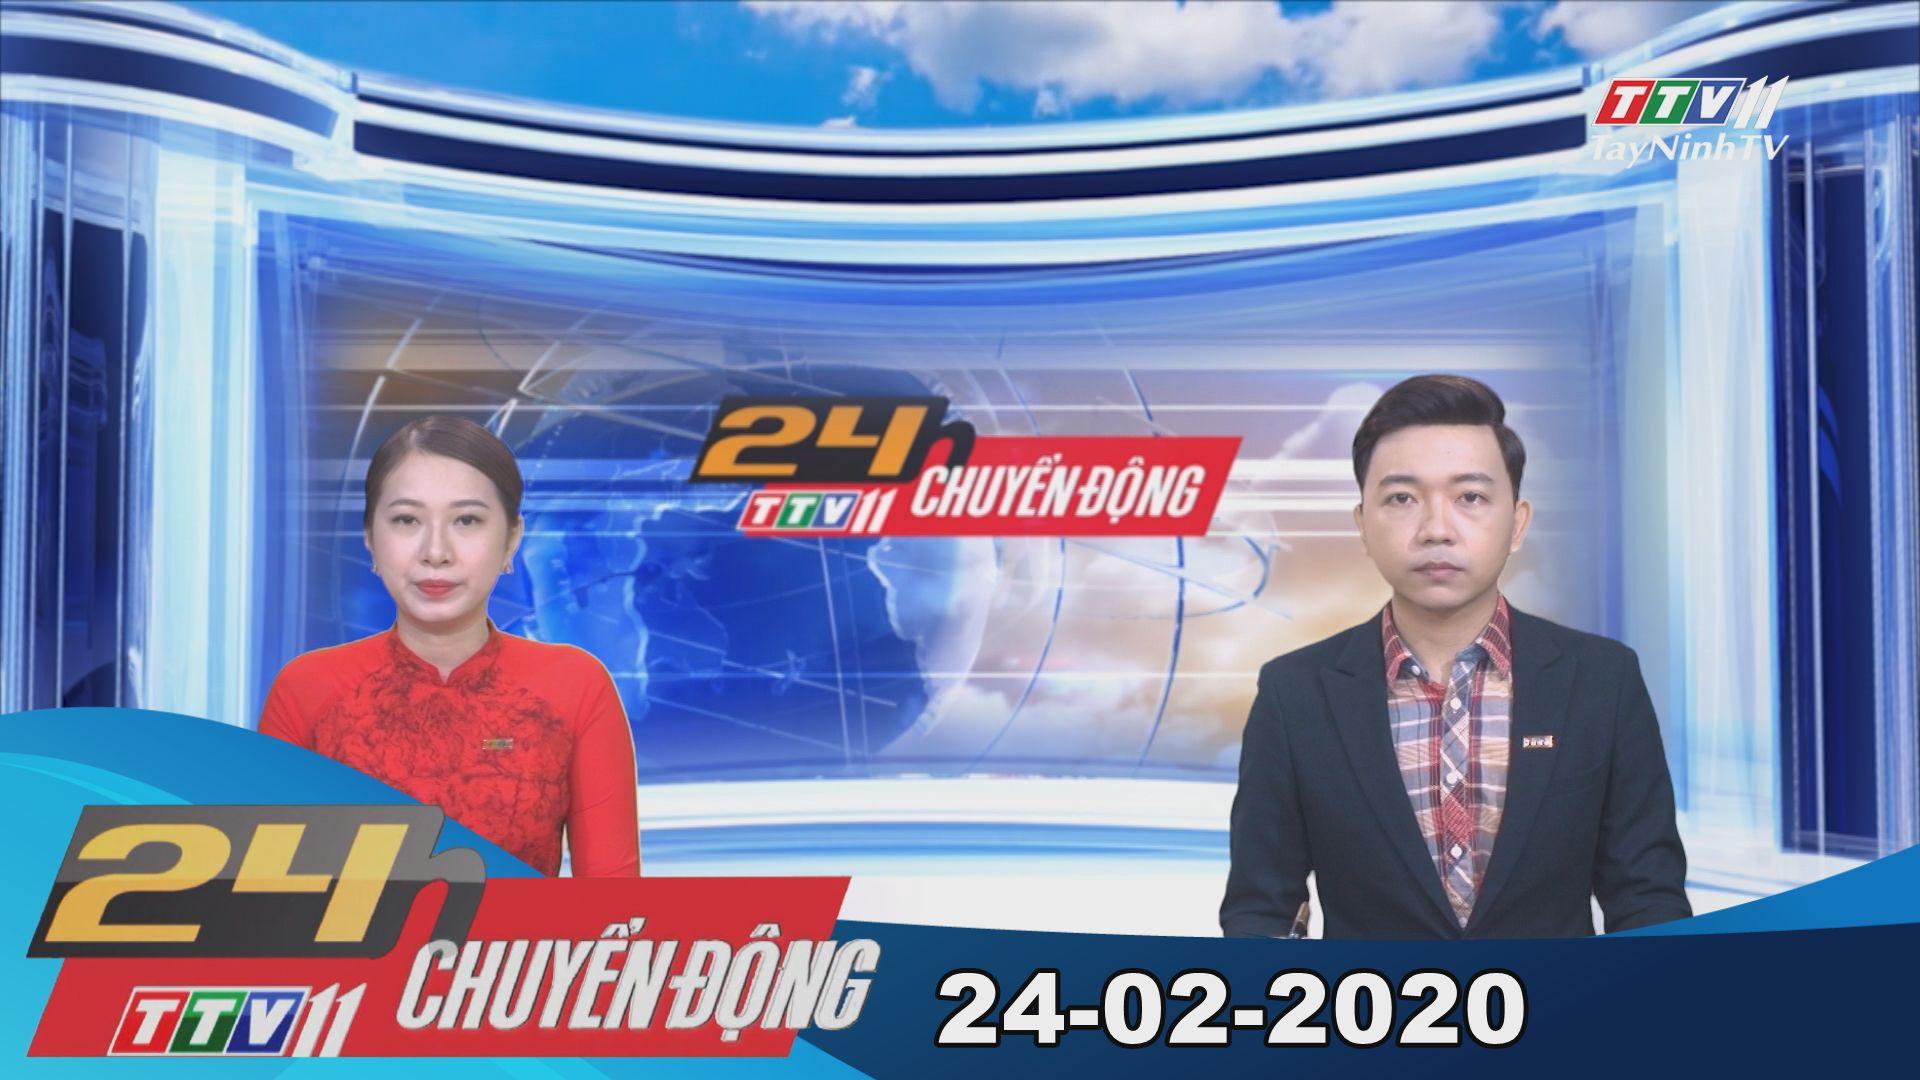 24h Chuyển động 24-02-2020 | Tin tức hôm nay | TayNinhTV